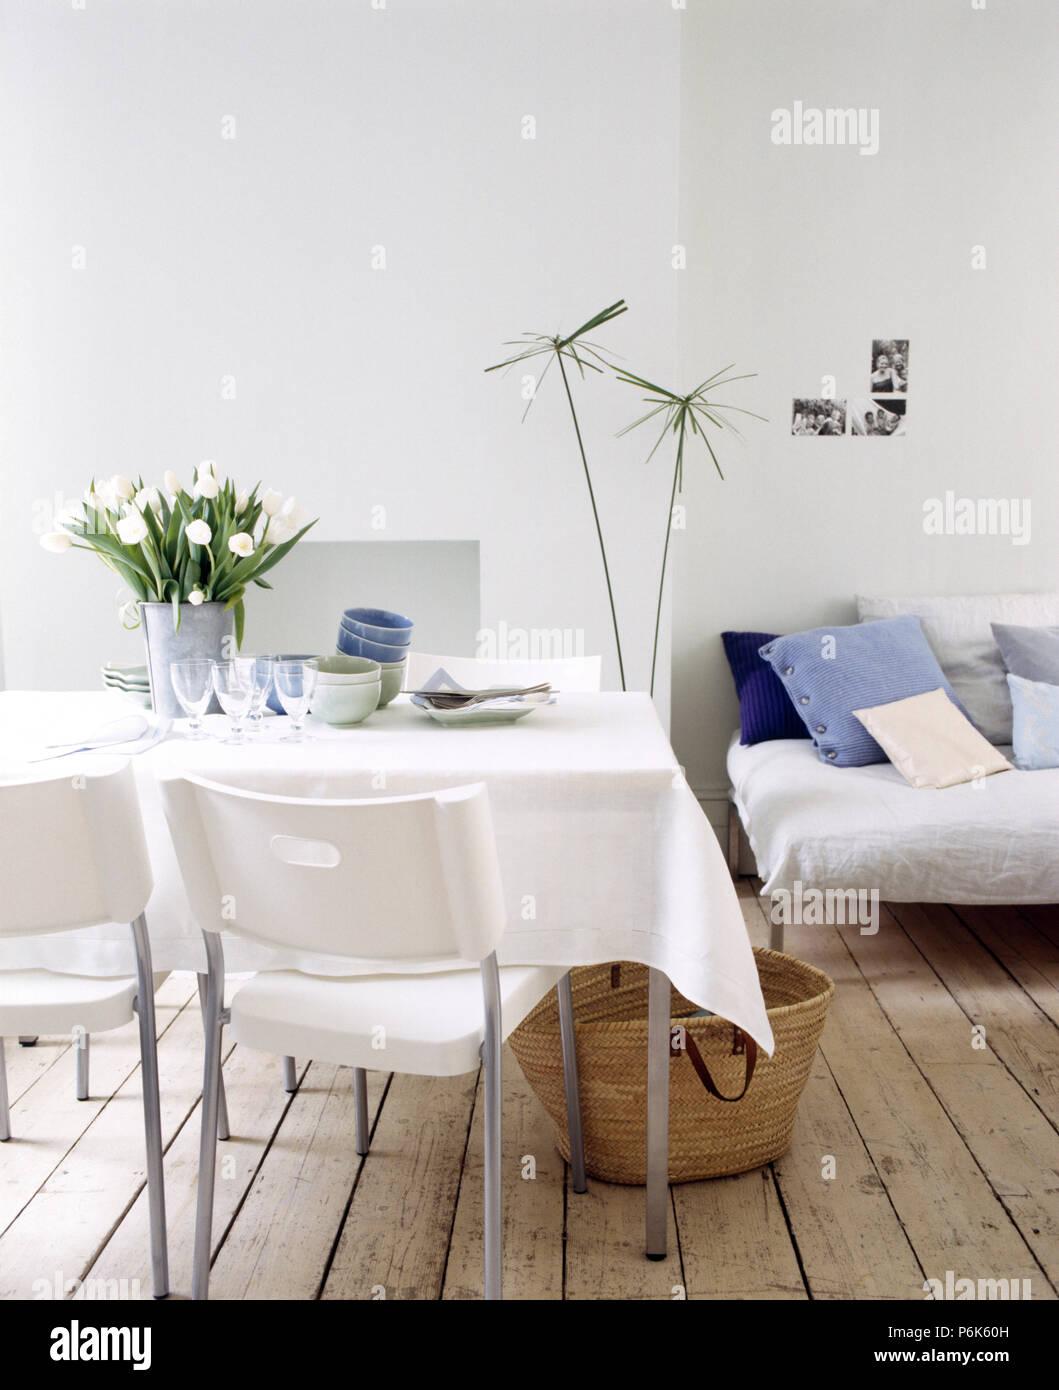 Exceptionnel Linge Blanc Et Du0027un Vase De Tulipes Blanches Sur Une Table Avec Des Chaises  En Plastique Blanc Dans Un Milieu Urbain Salle à Manger Avec Parquet Au Sol